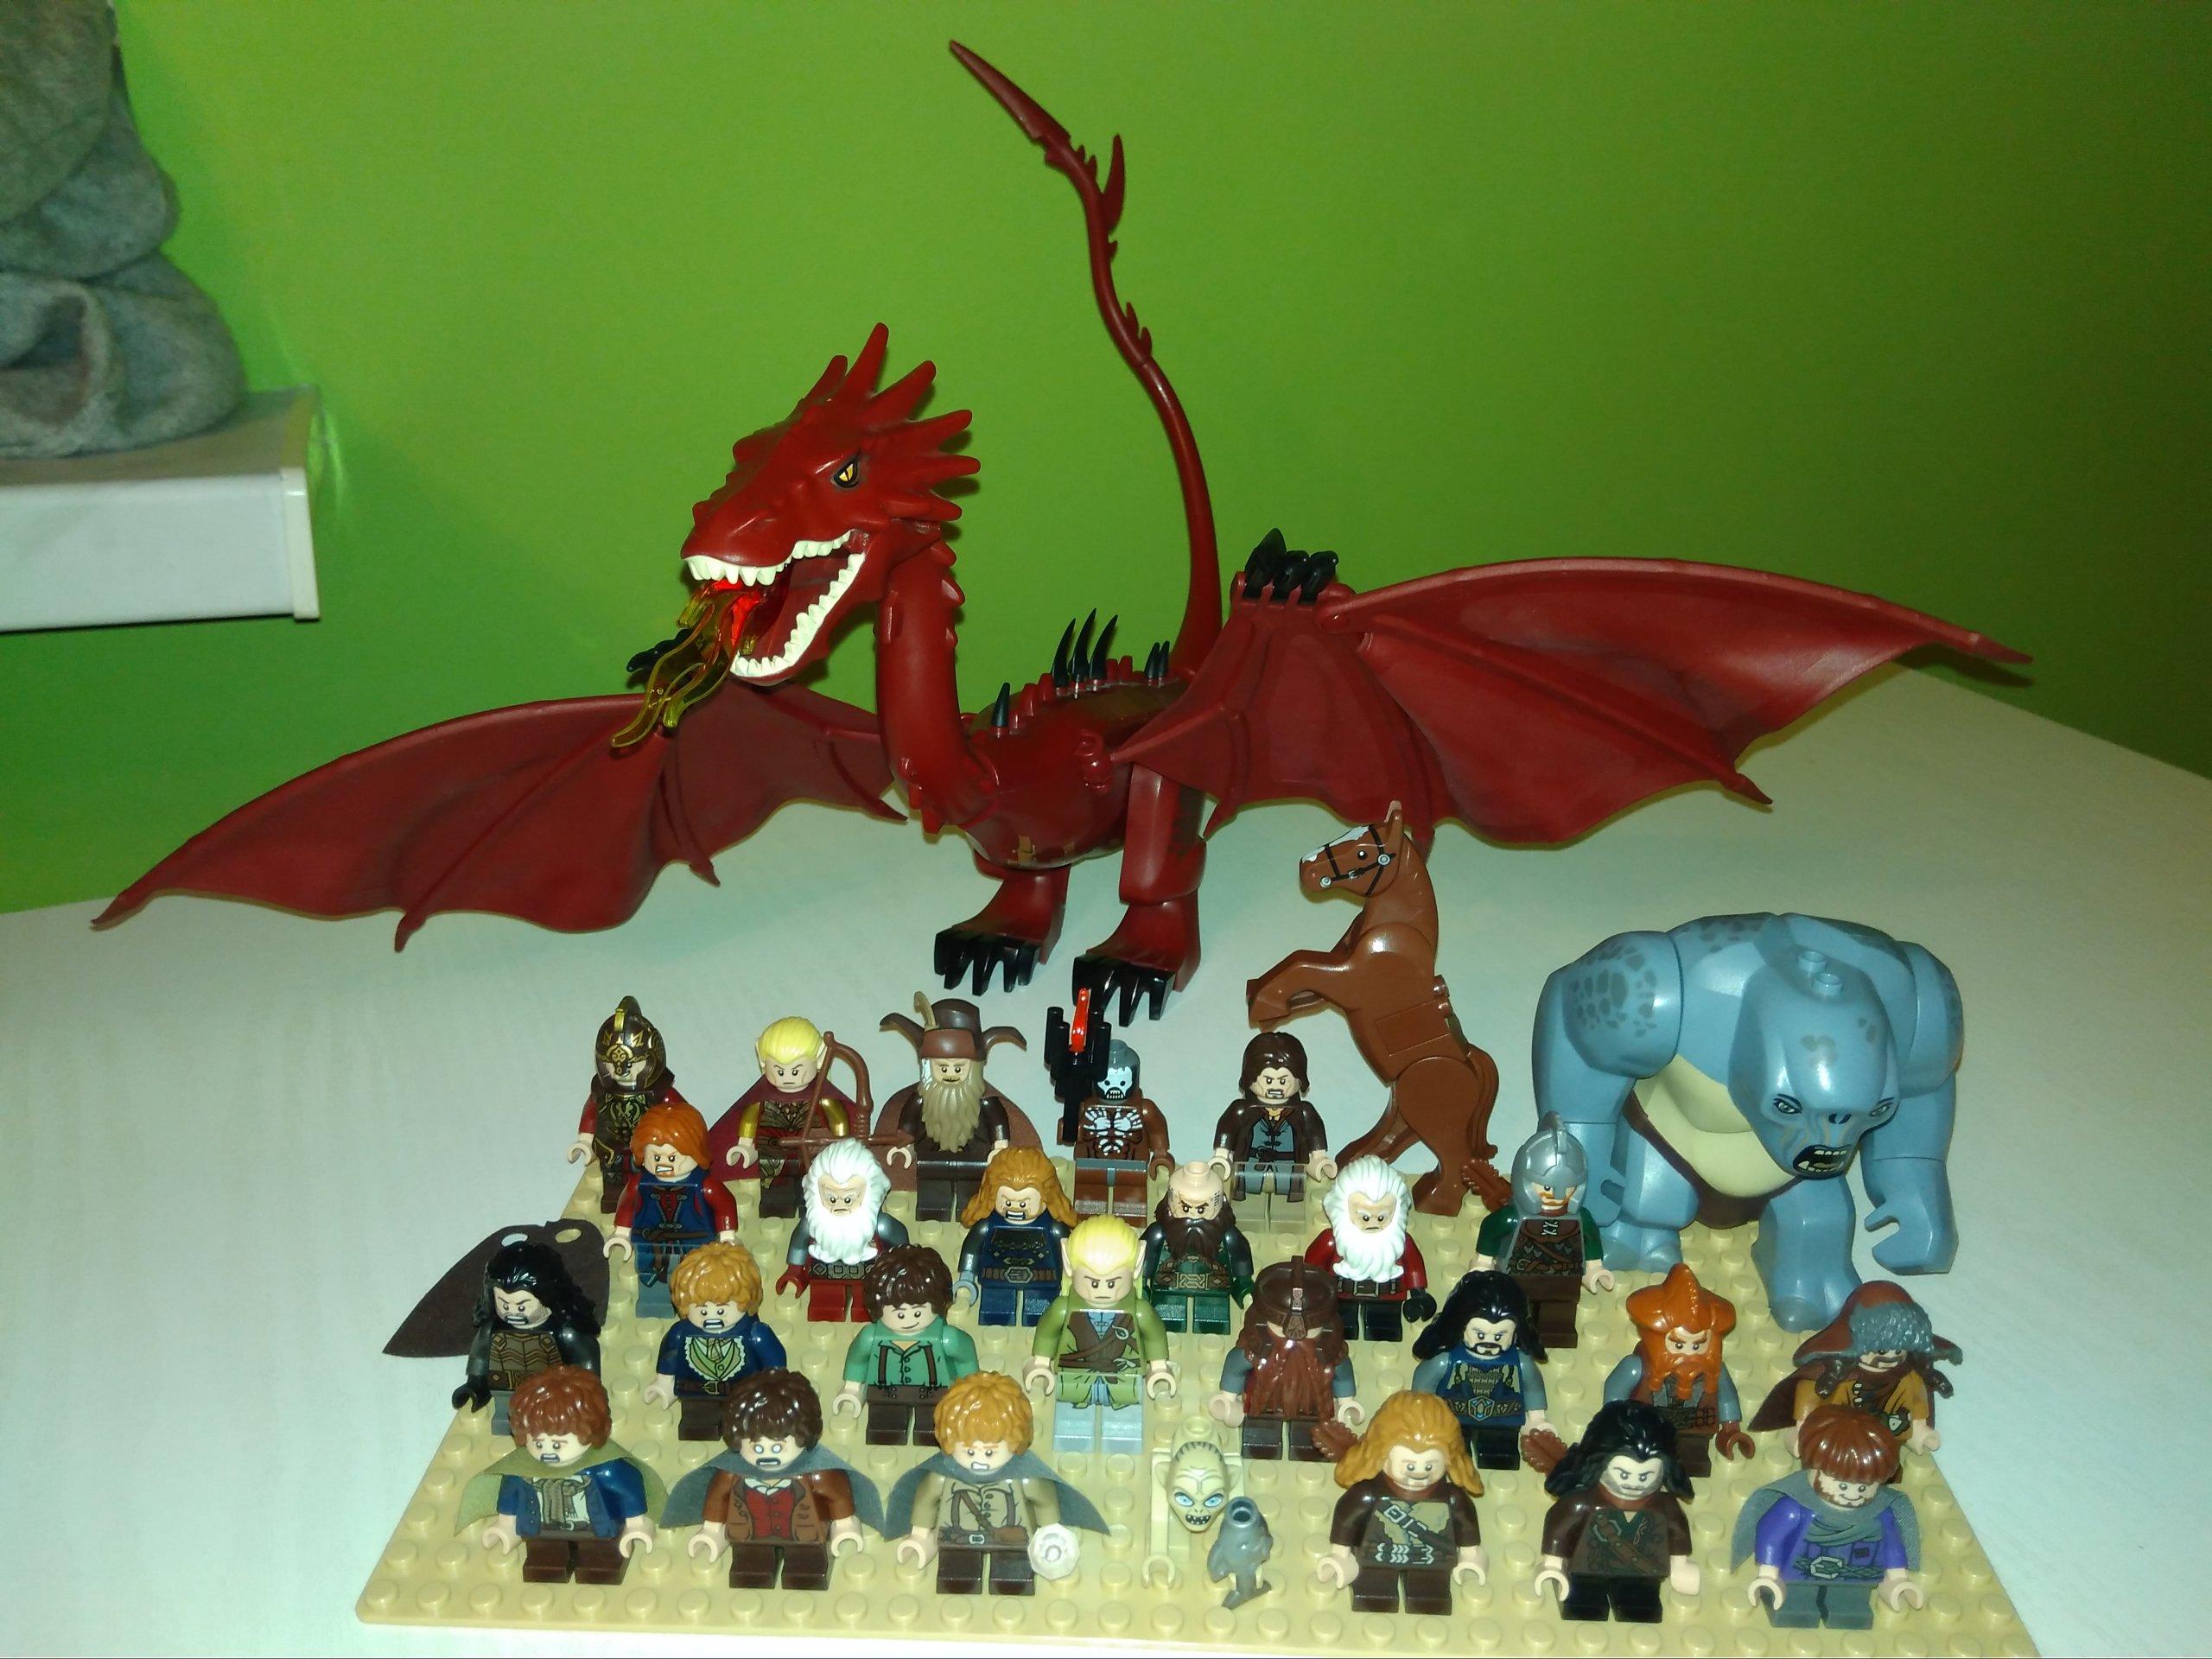 Lego Władca Pierścieni Hobbit Figurki Smaug Lotr 7087453548